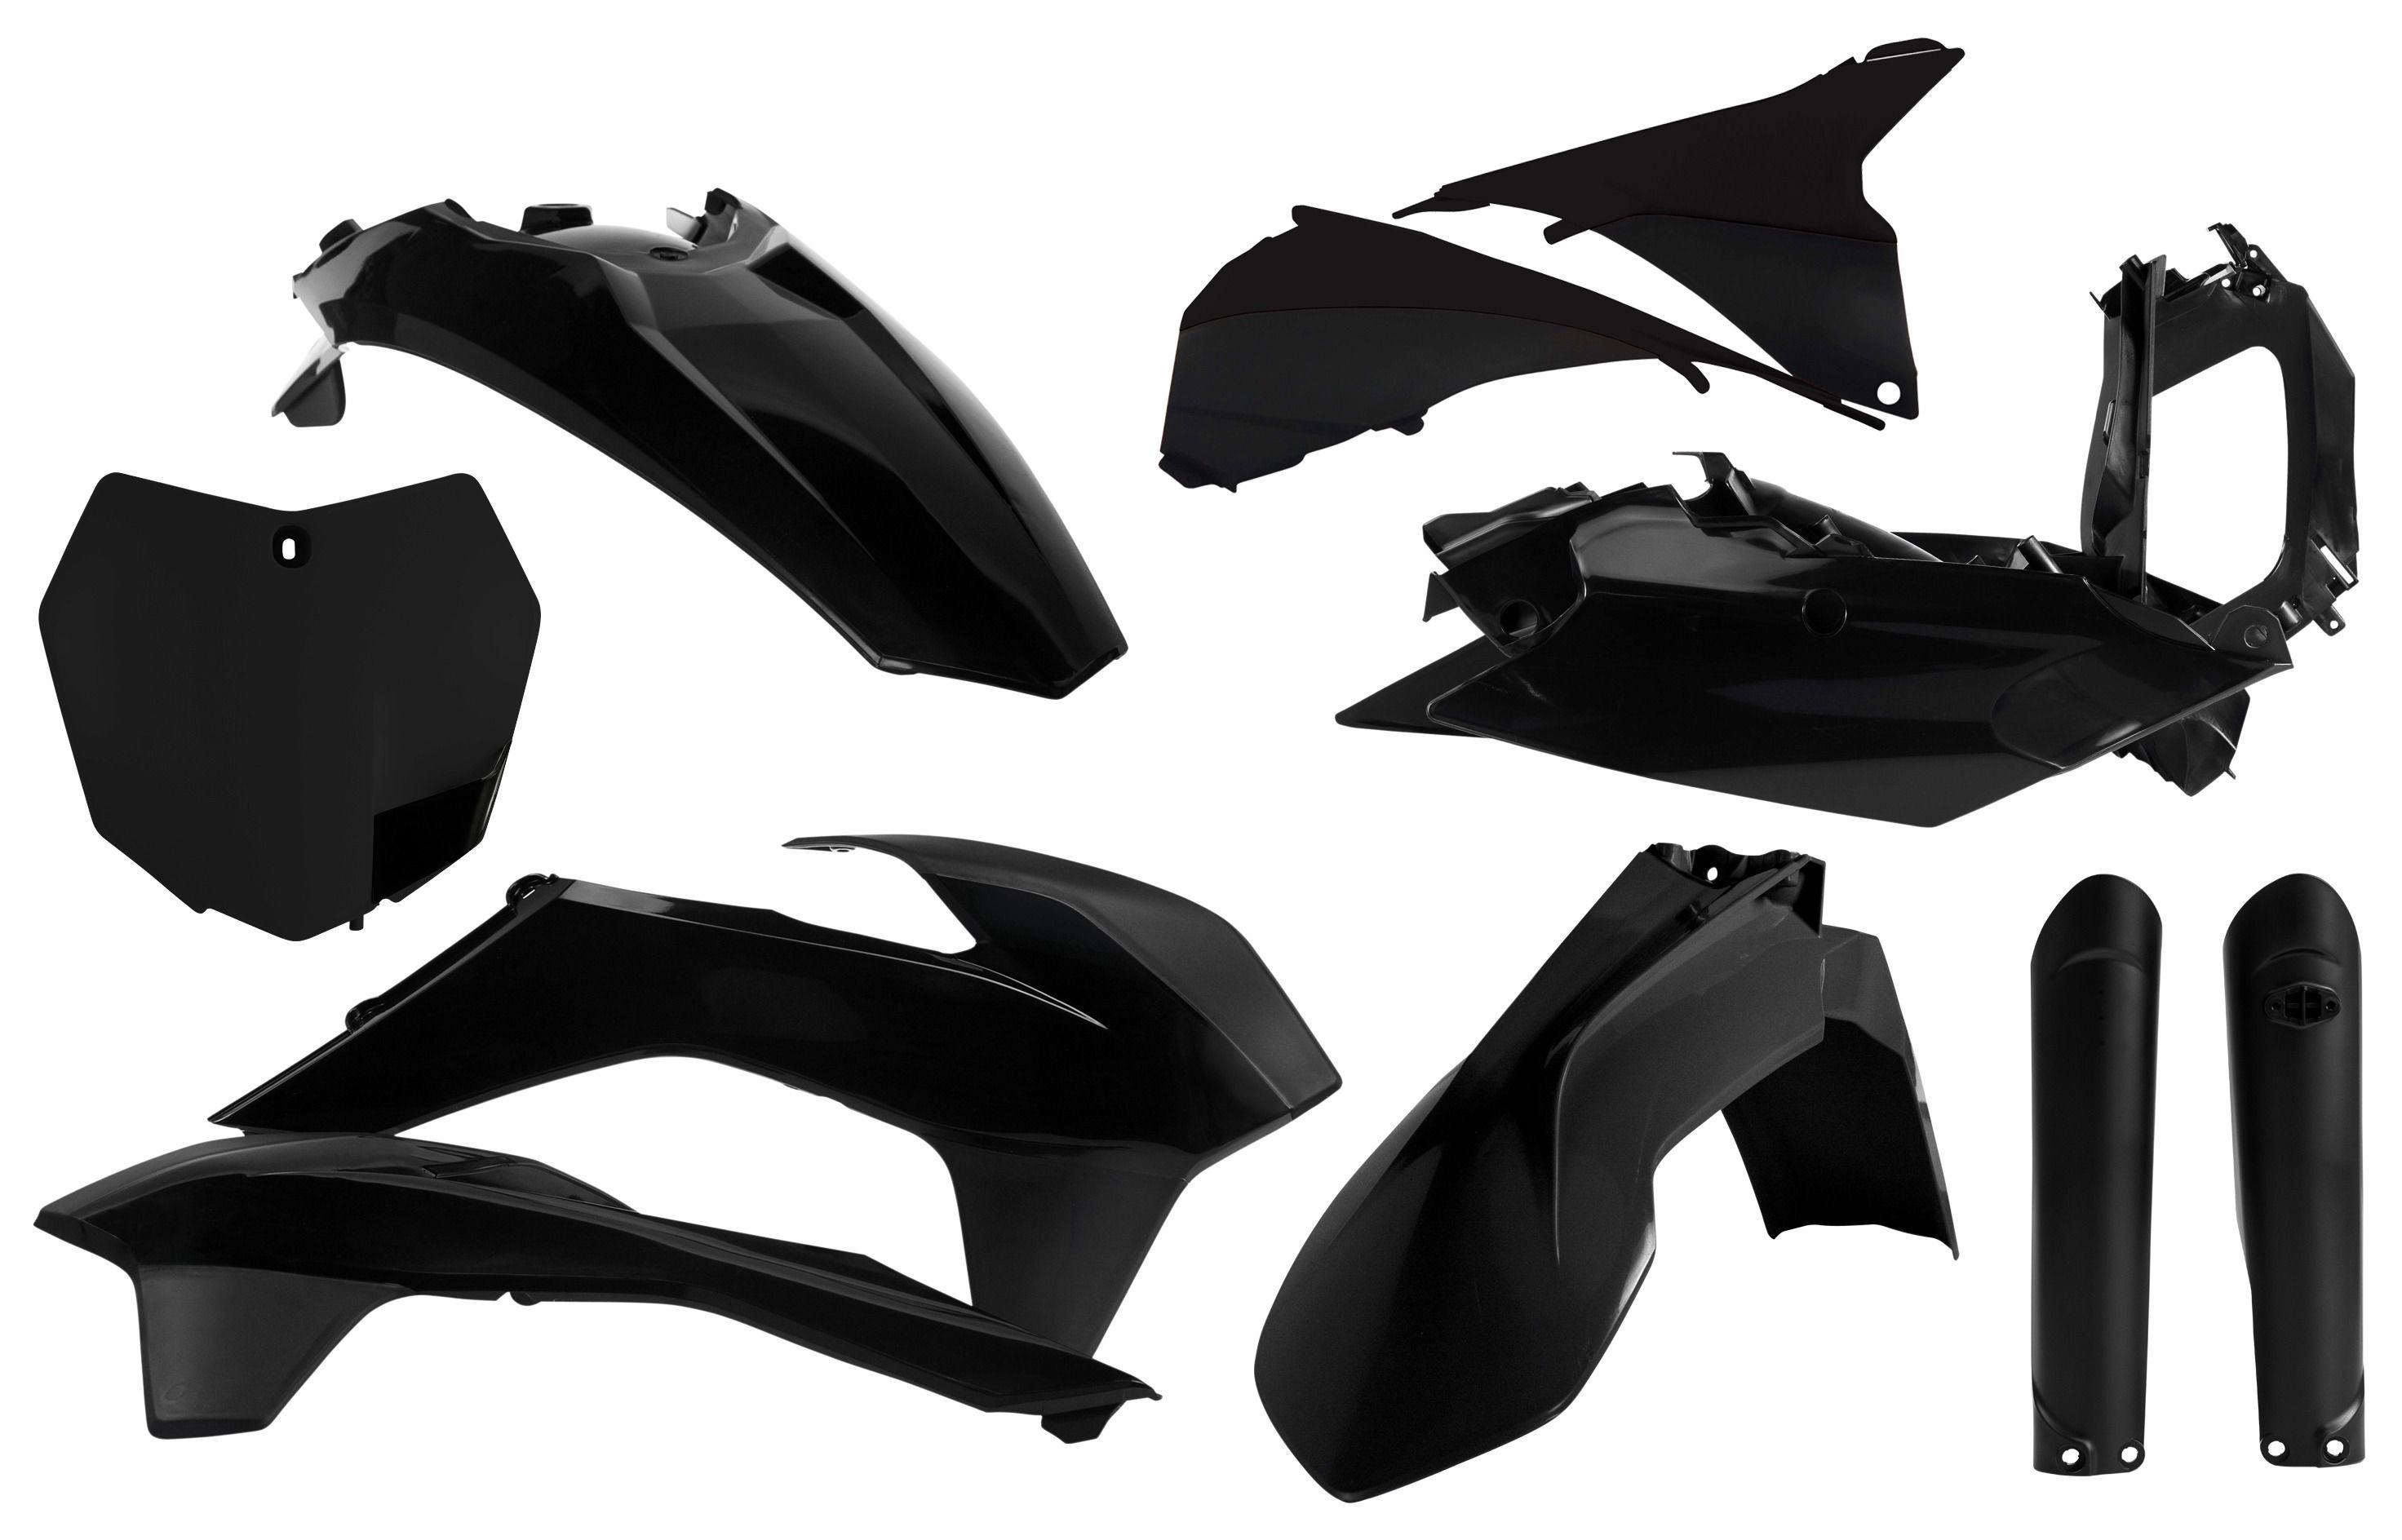 acerbis full plastic kit ktm sx / sx-f / xc / xc-f 125cc-450cc